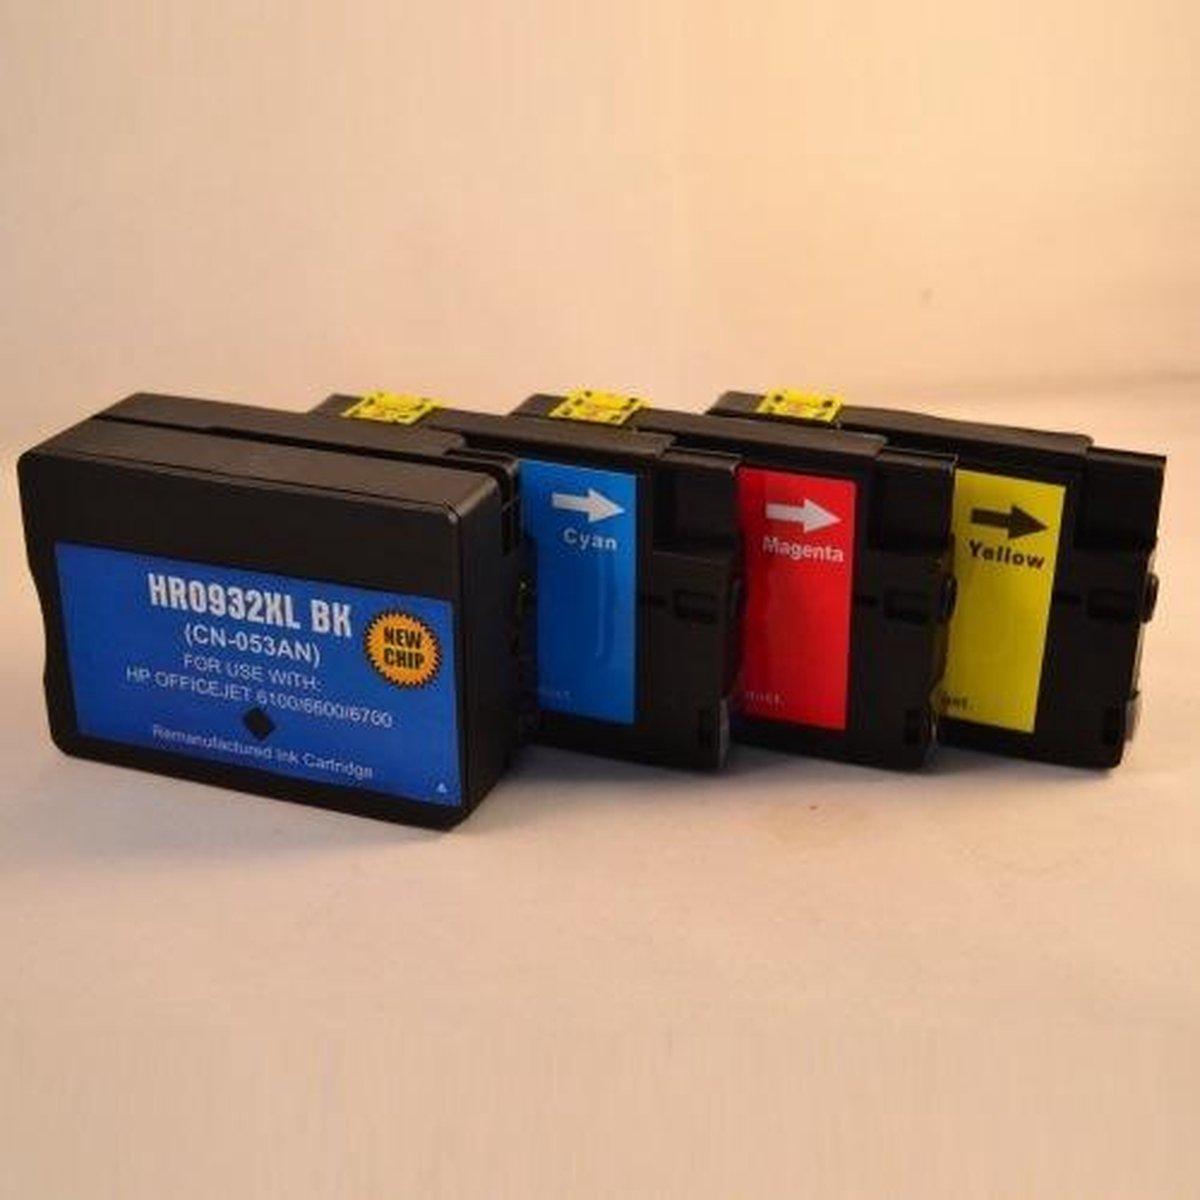 Merkloos - Inktcartridge / Alternatief voor de HP 932 en 933 / Multipack - Merkloos